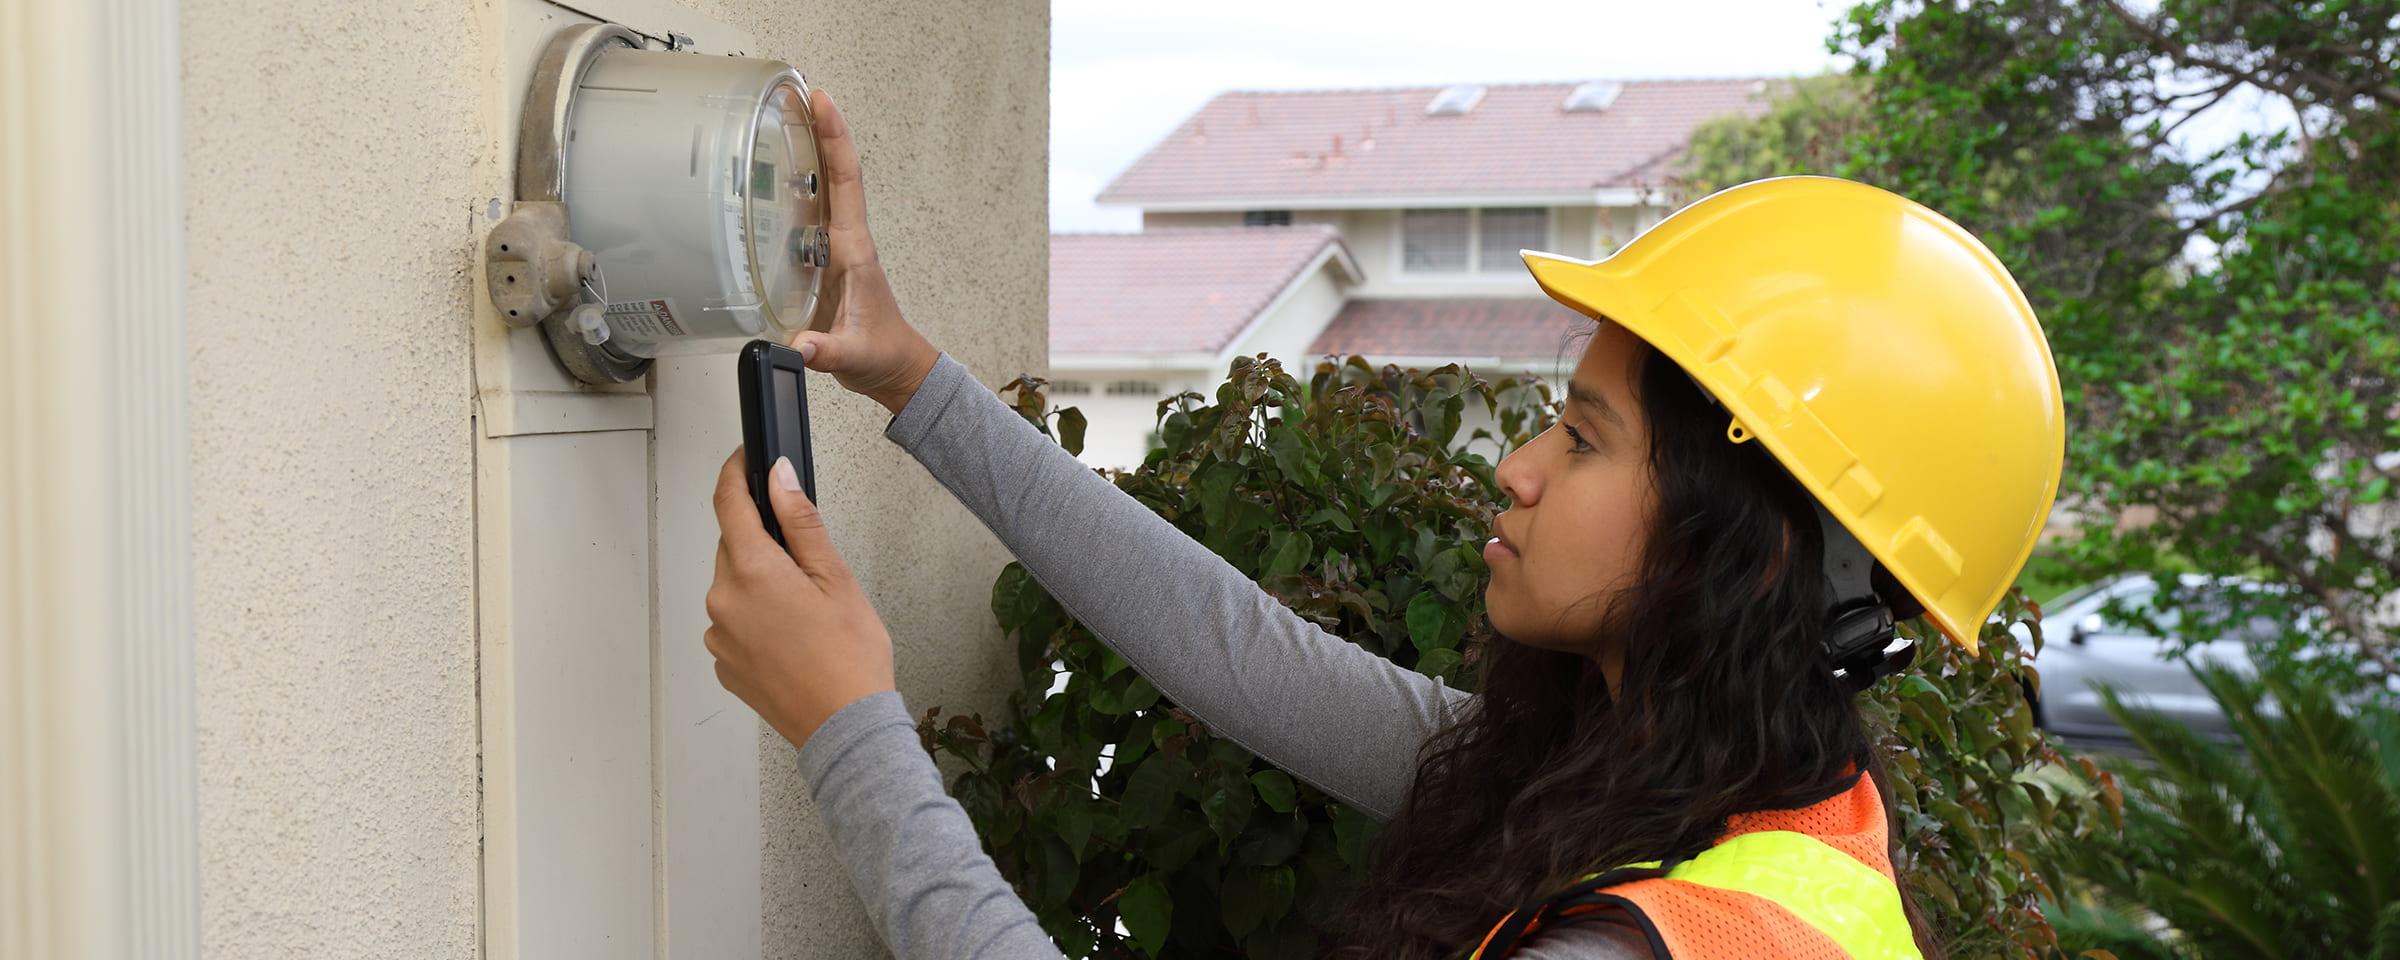 Female energy advisor taking outdoor meter reading